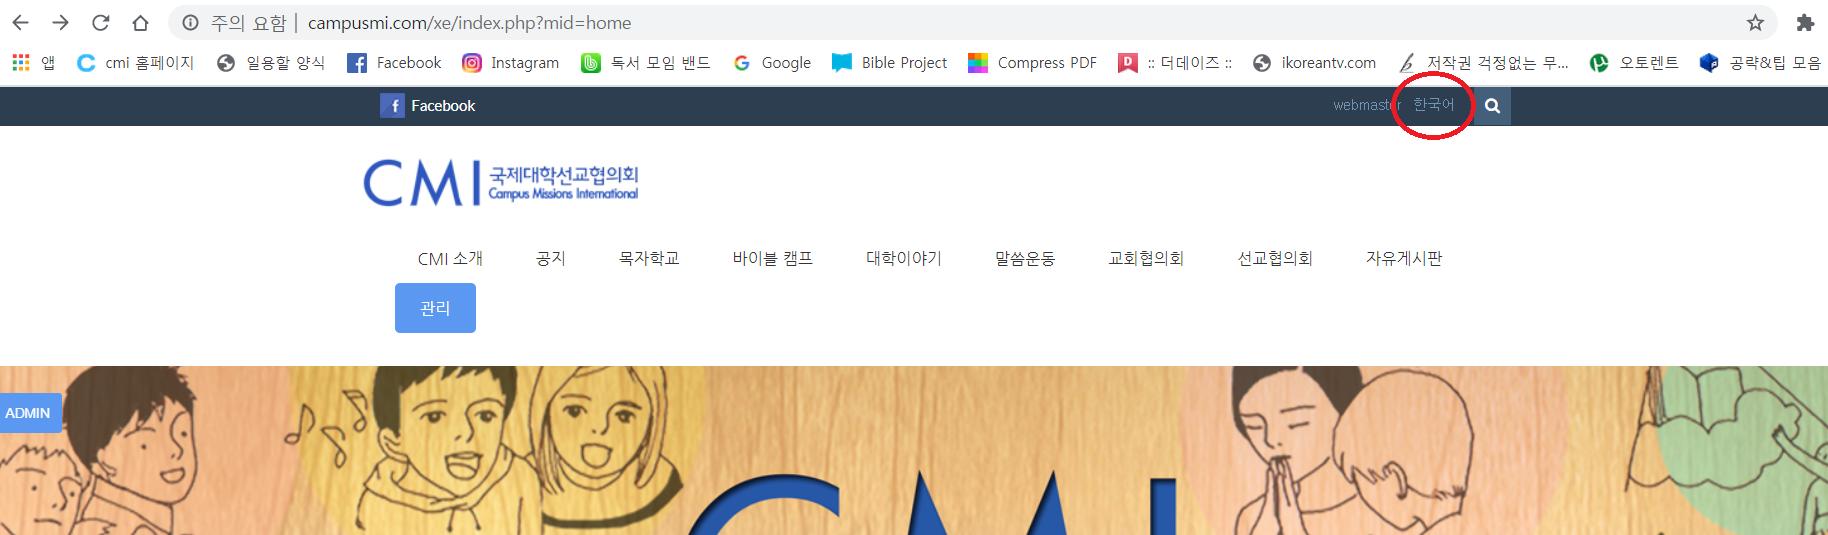 한국어페이지.png